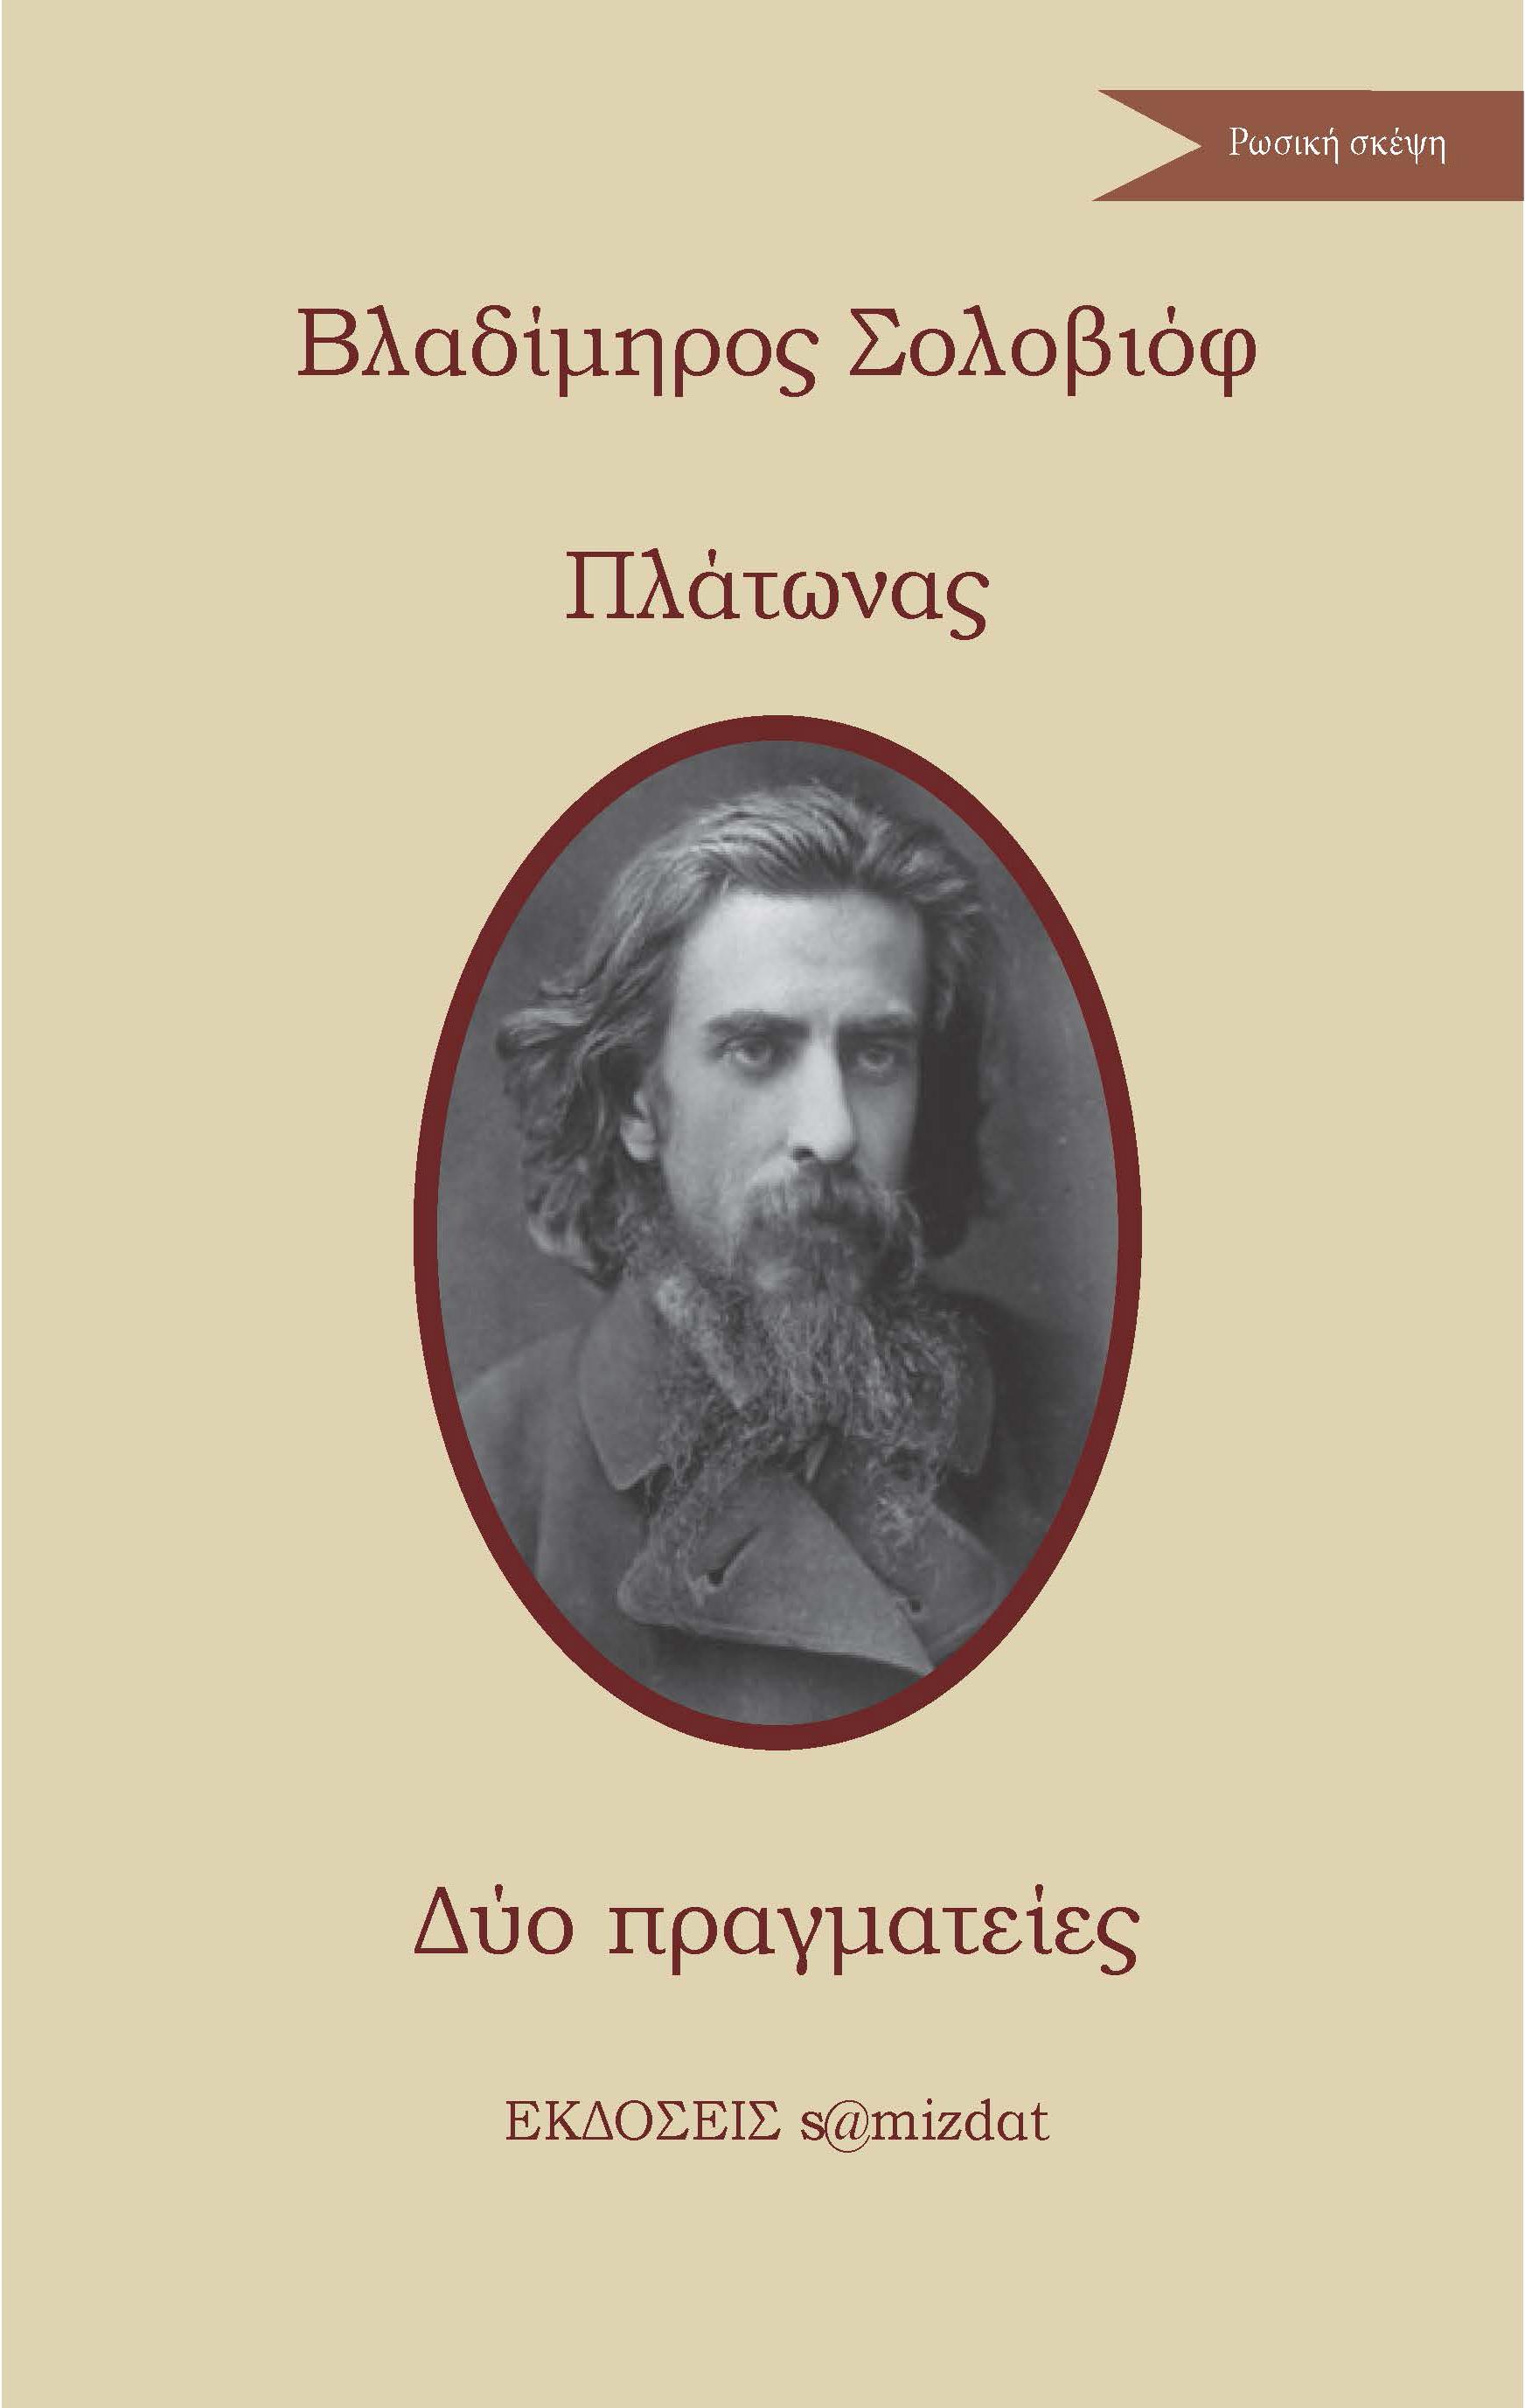 Βλαδίμηρου Σολοβιόφ Δύο πραγματείες για τον Πλάτωνα